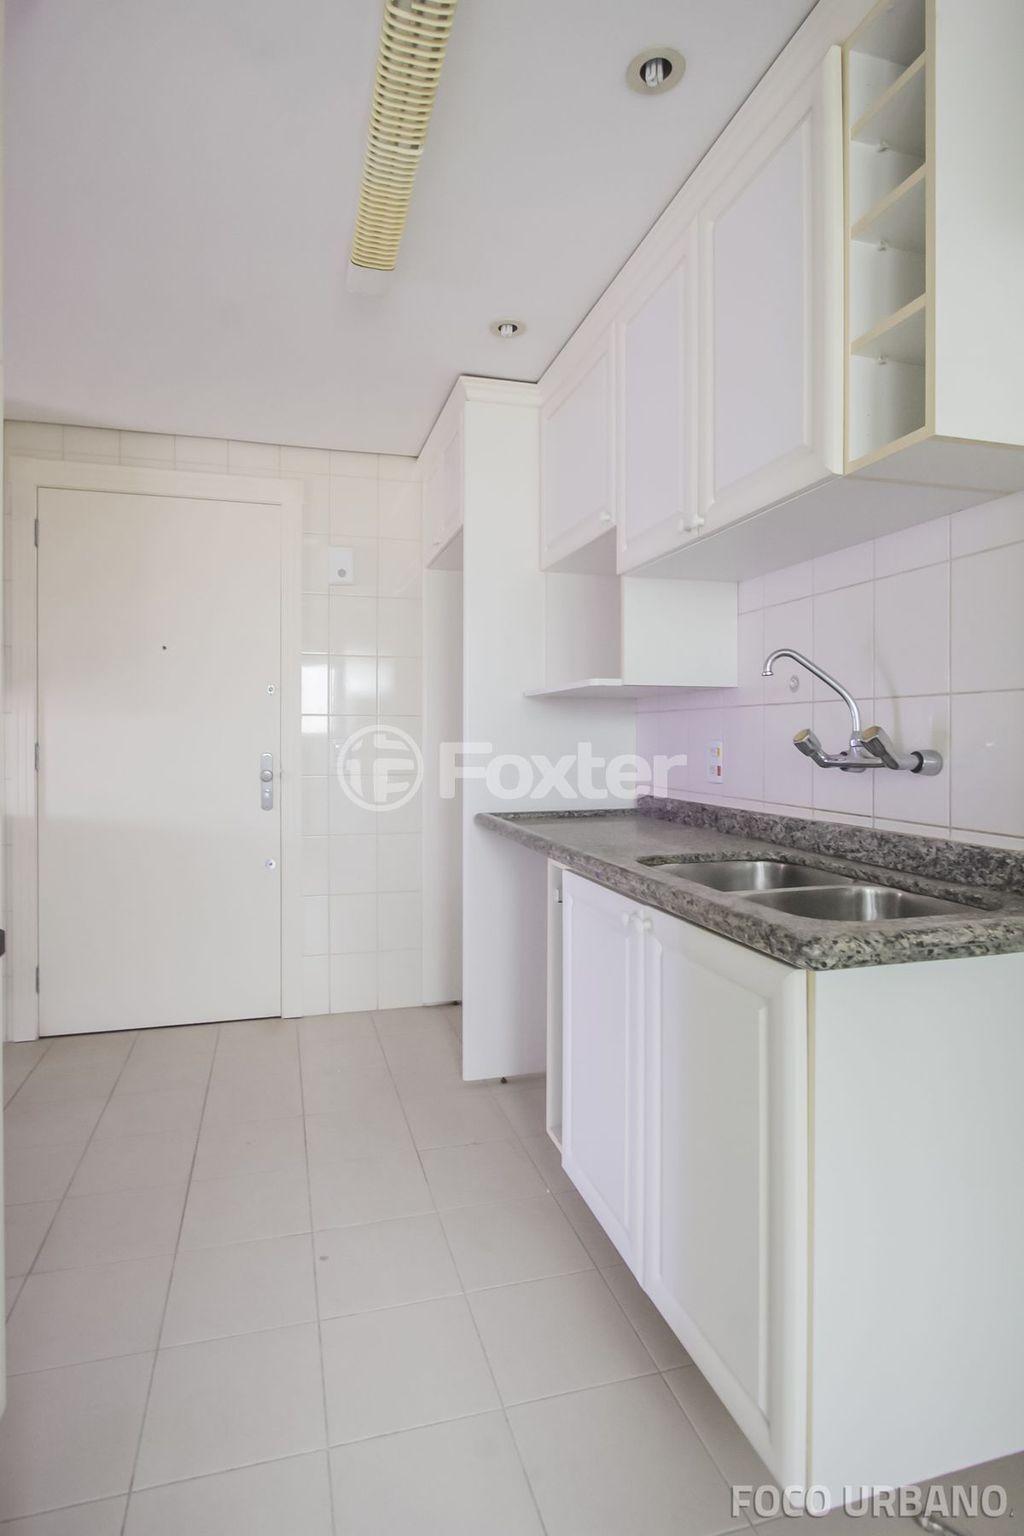 Foxter Imobiliária - Cobertura 3 Dorm (137146) - Foto 26